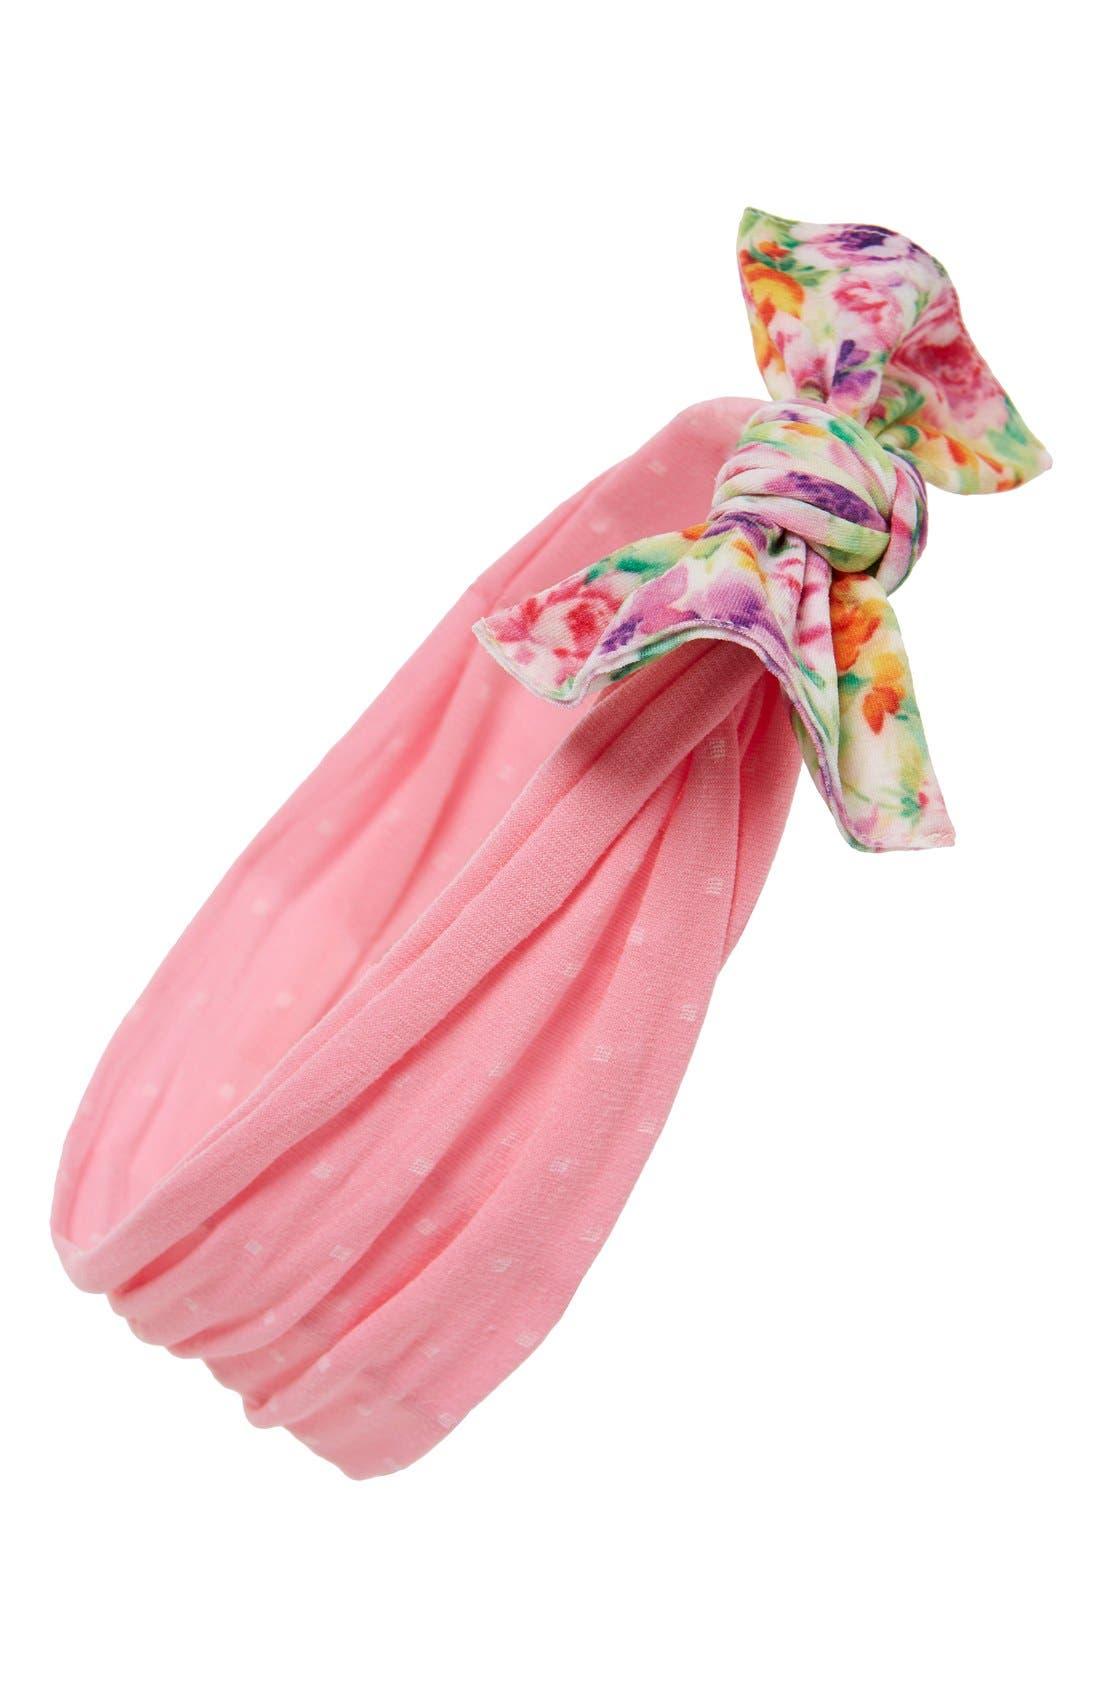 Print Bow Headband,                             Main thumbnail 1, color,                             Floral Pink